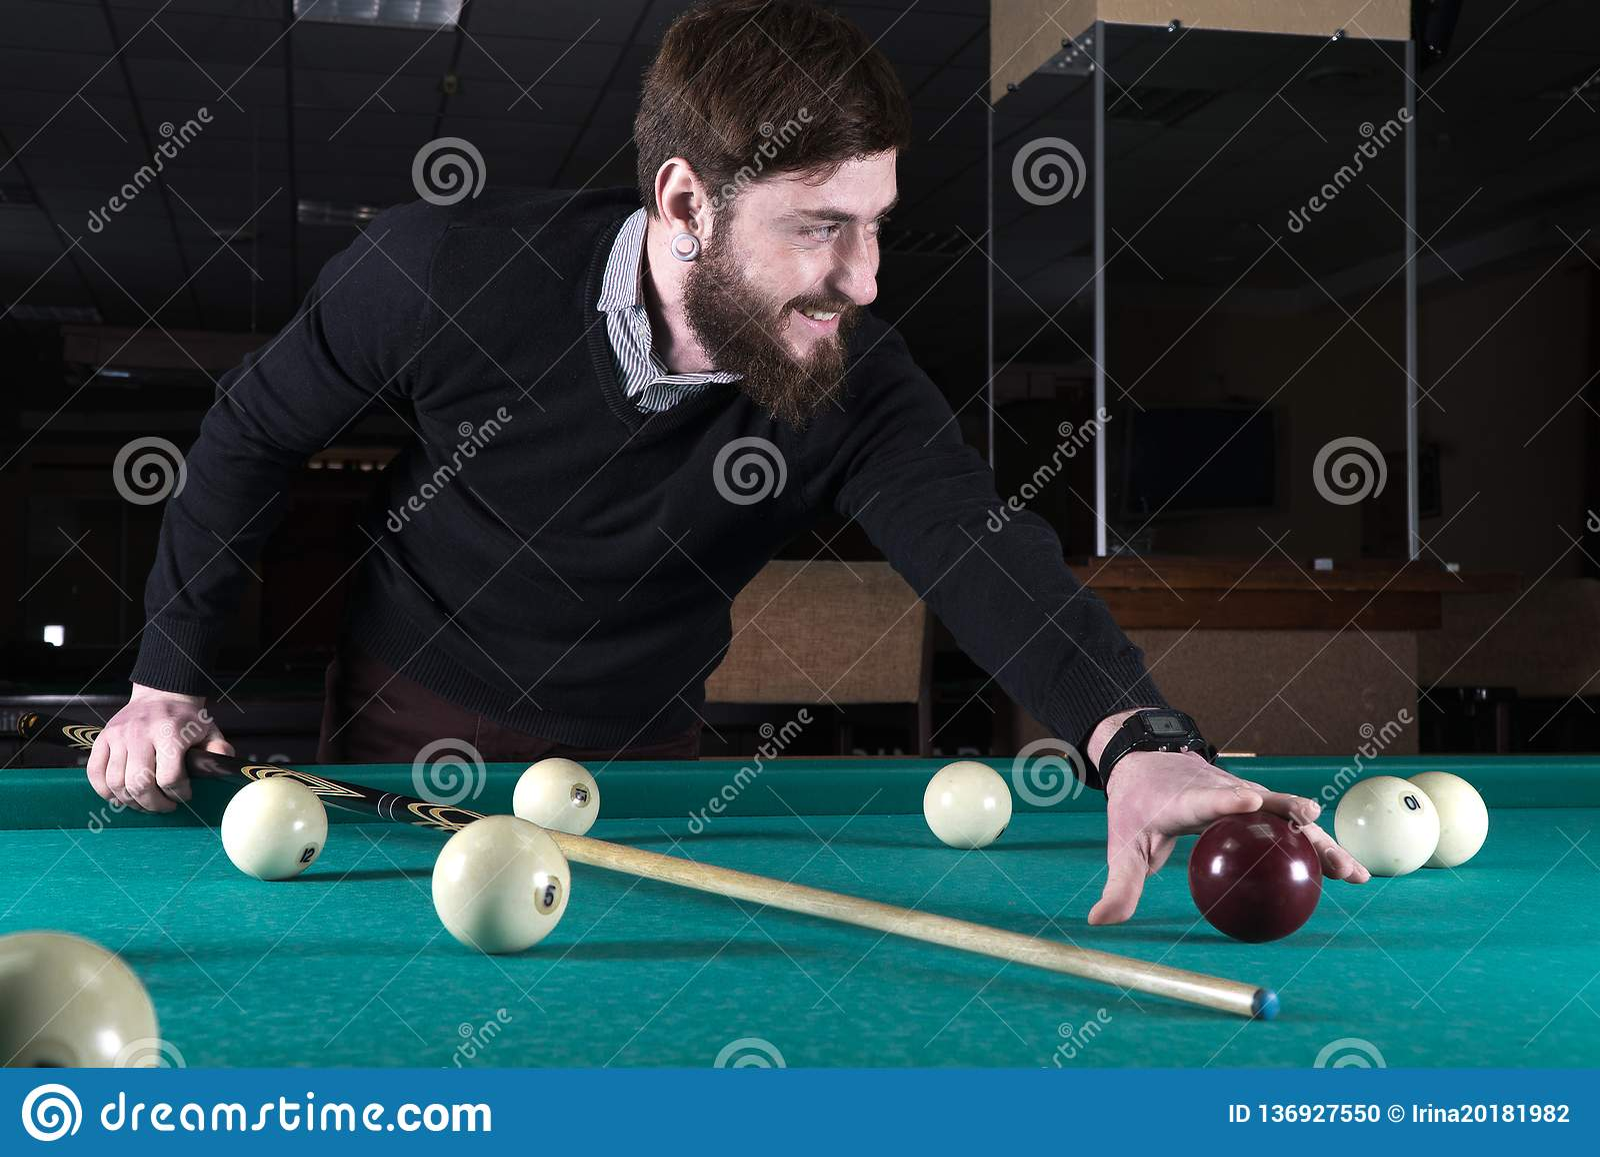 Kubb ögonblicket för biljardsammanbrottmannen plays spheres fritid indikation